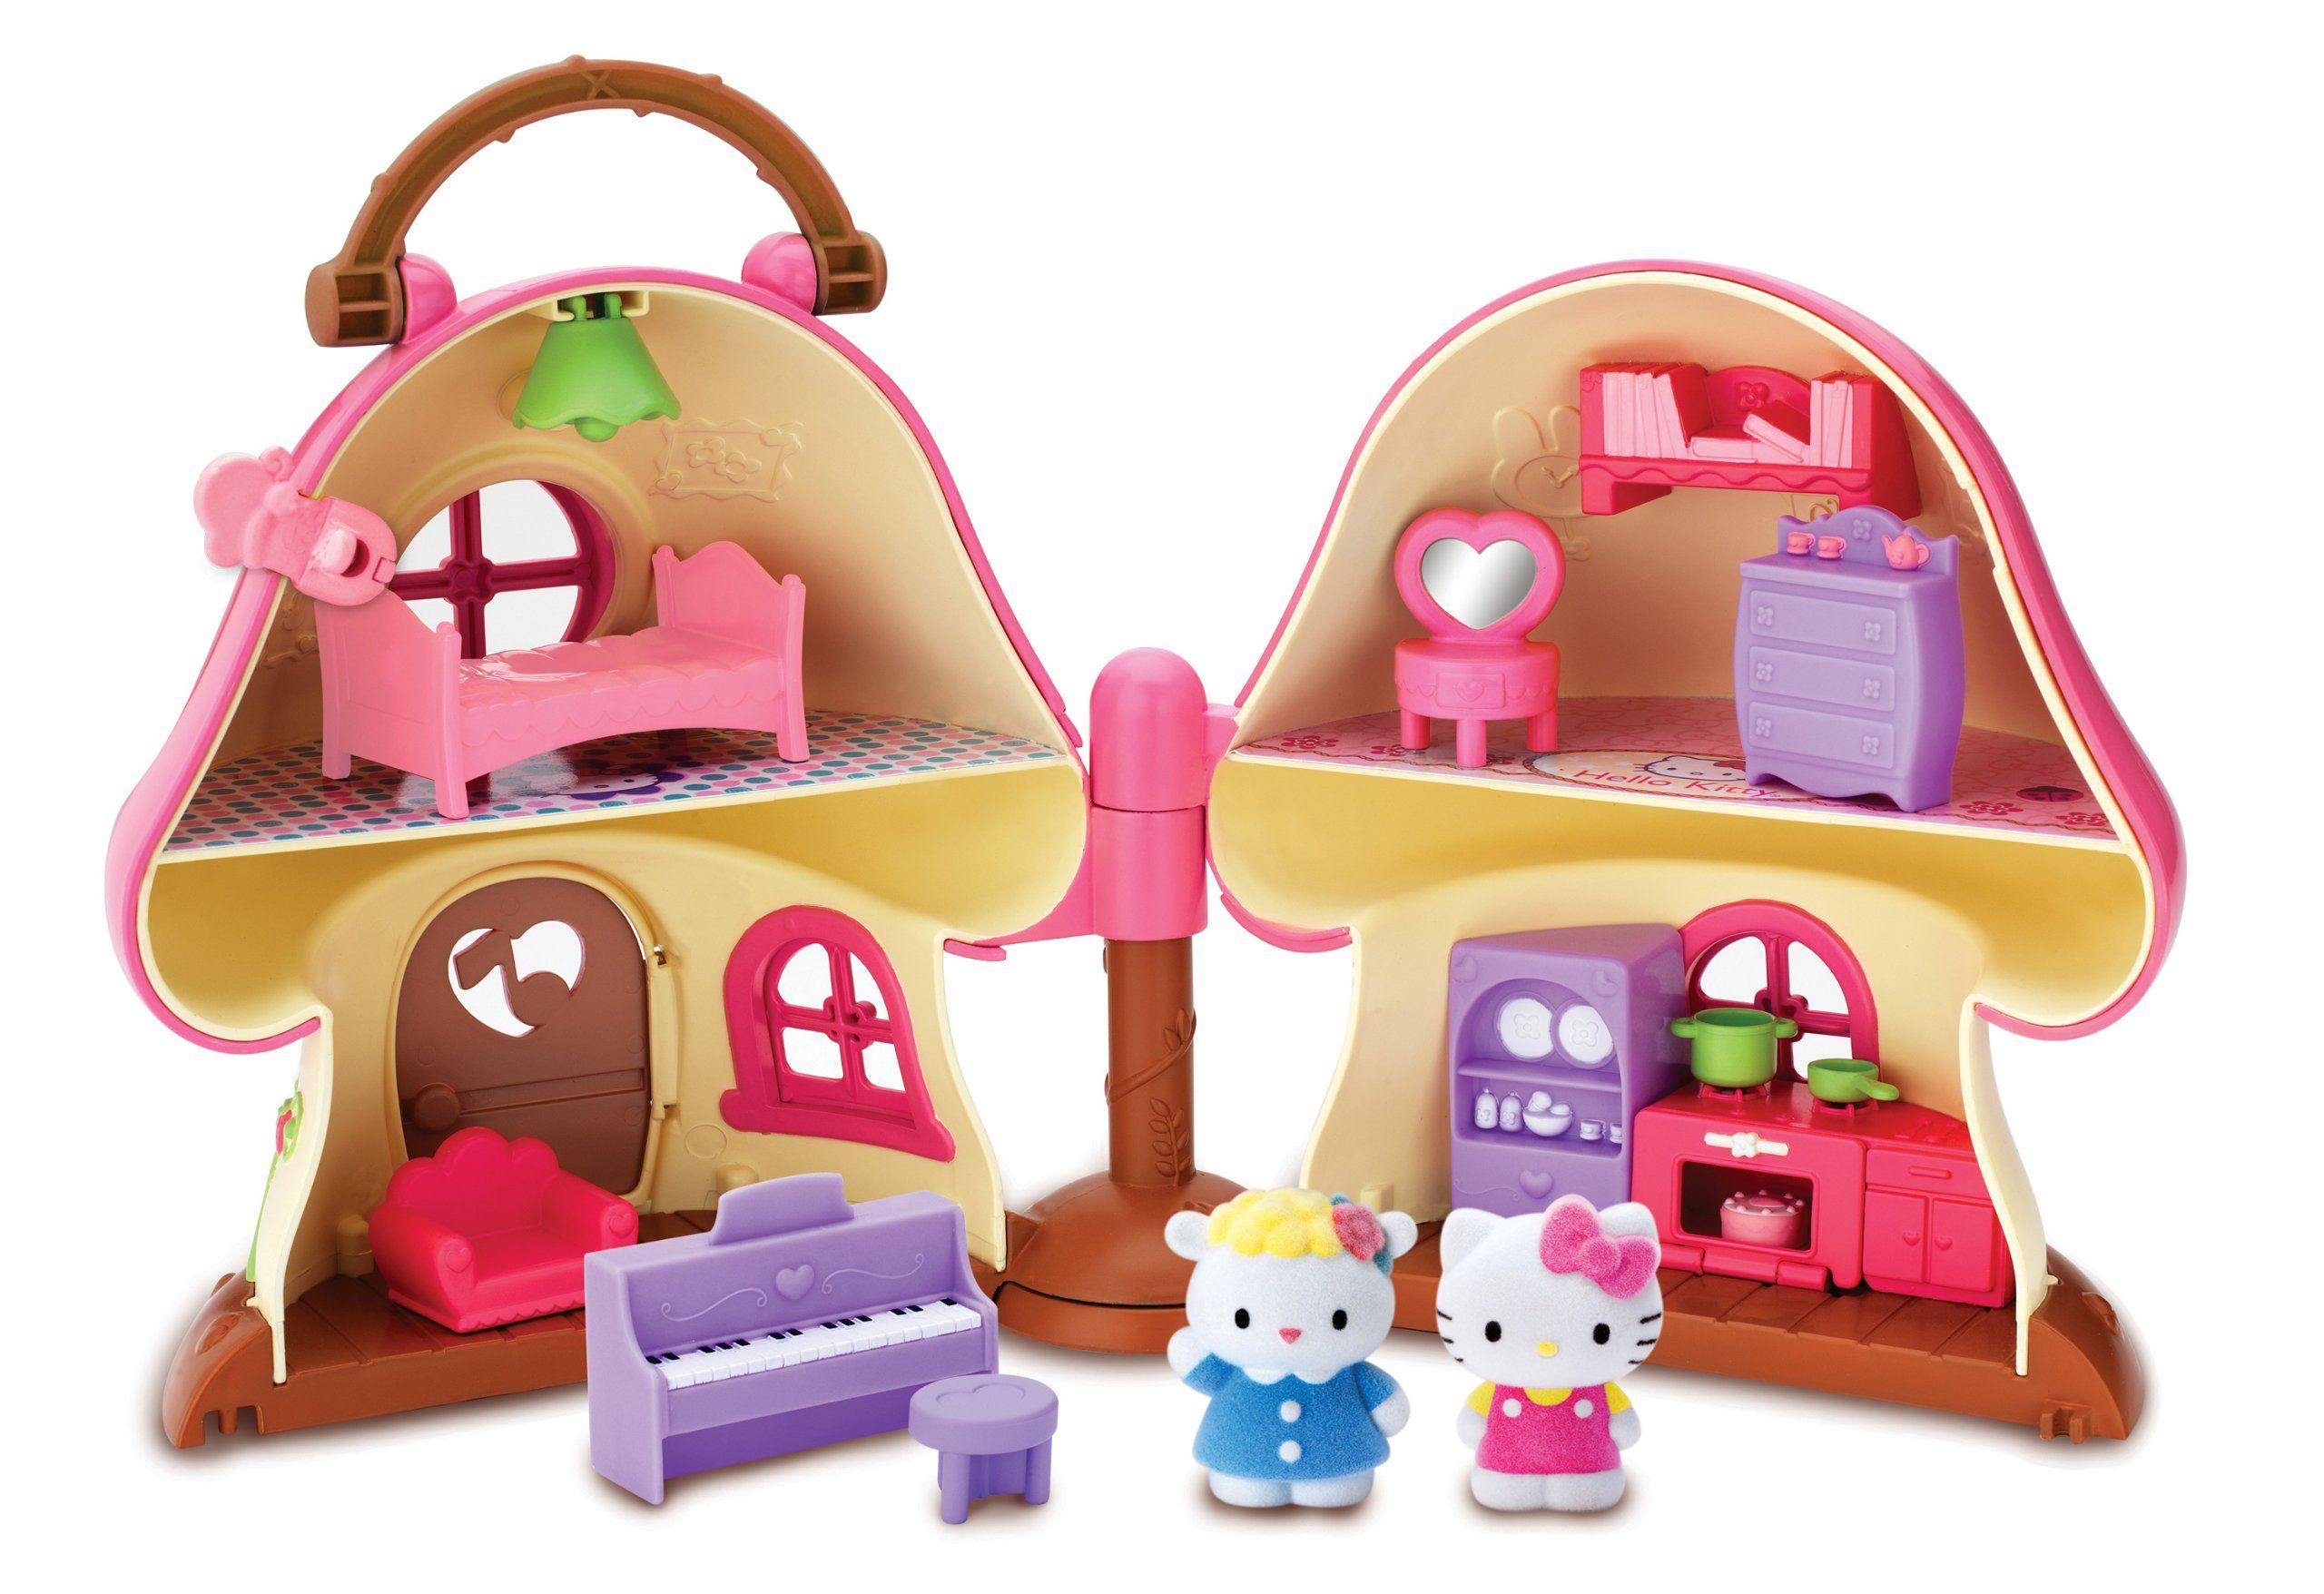 Plastic Toy Kitchen Argos